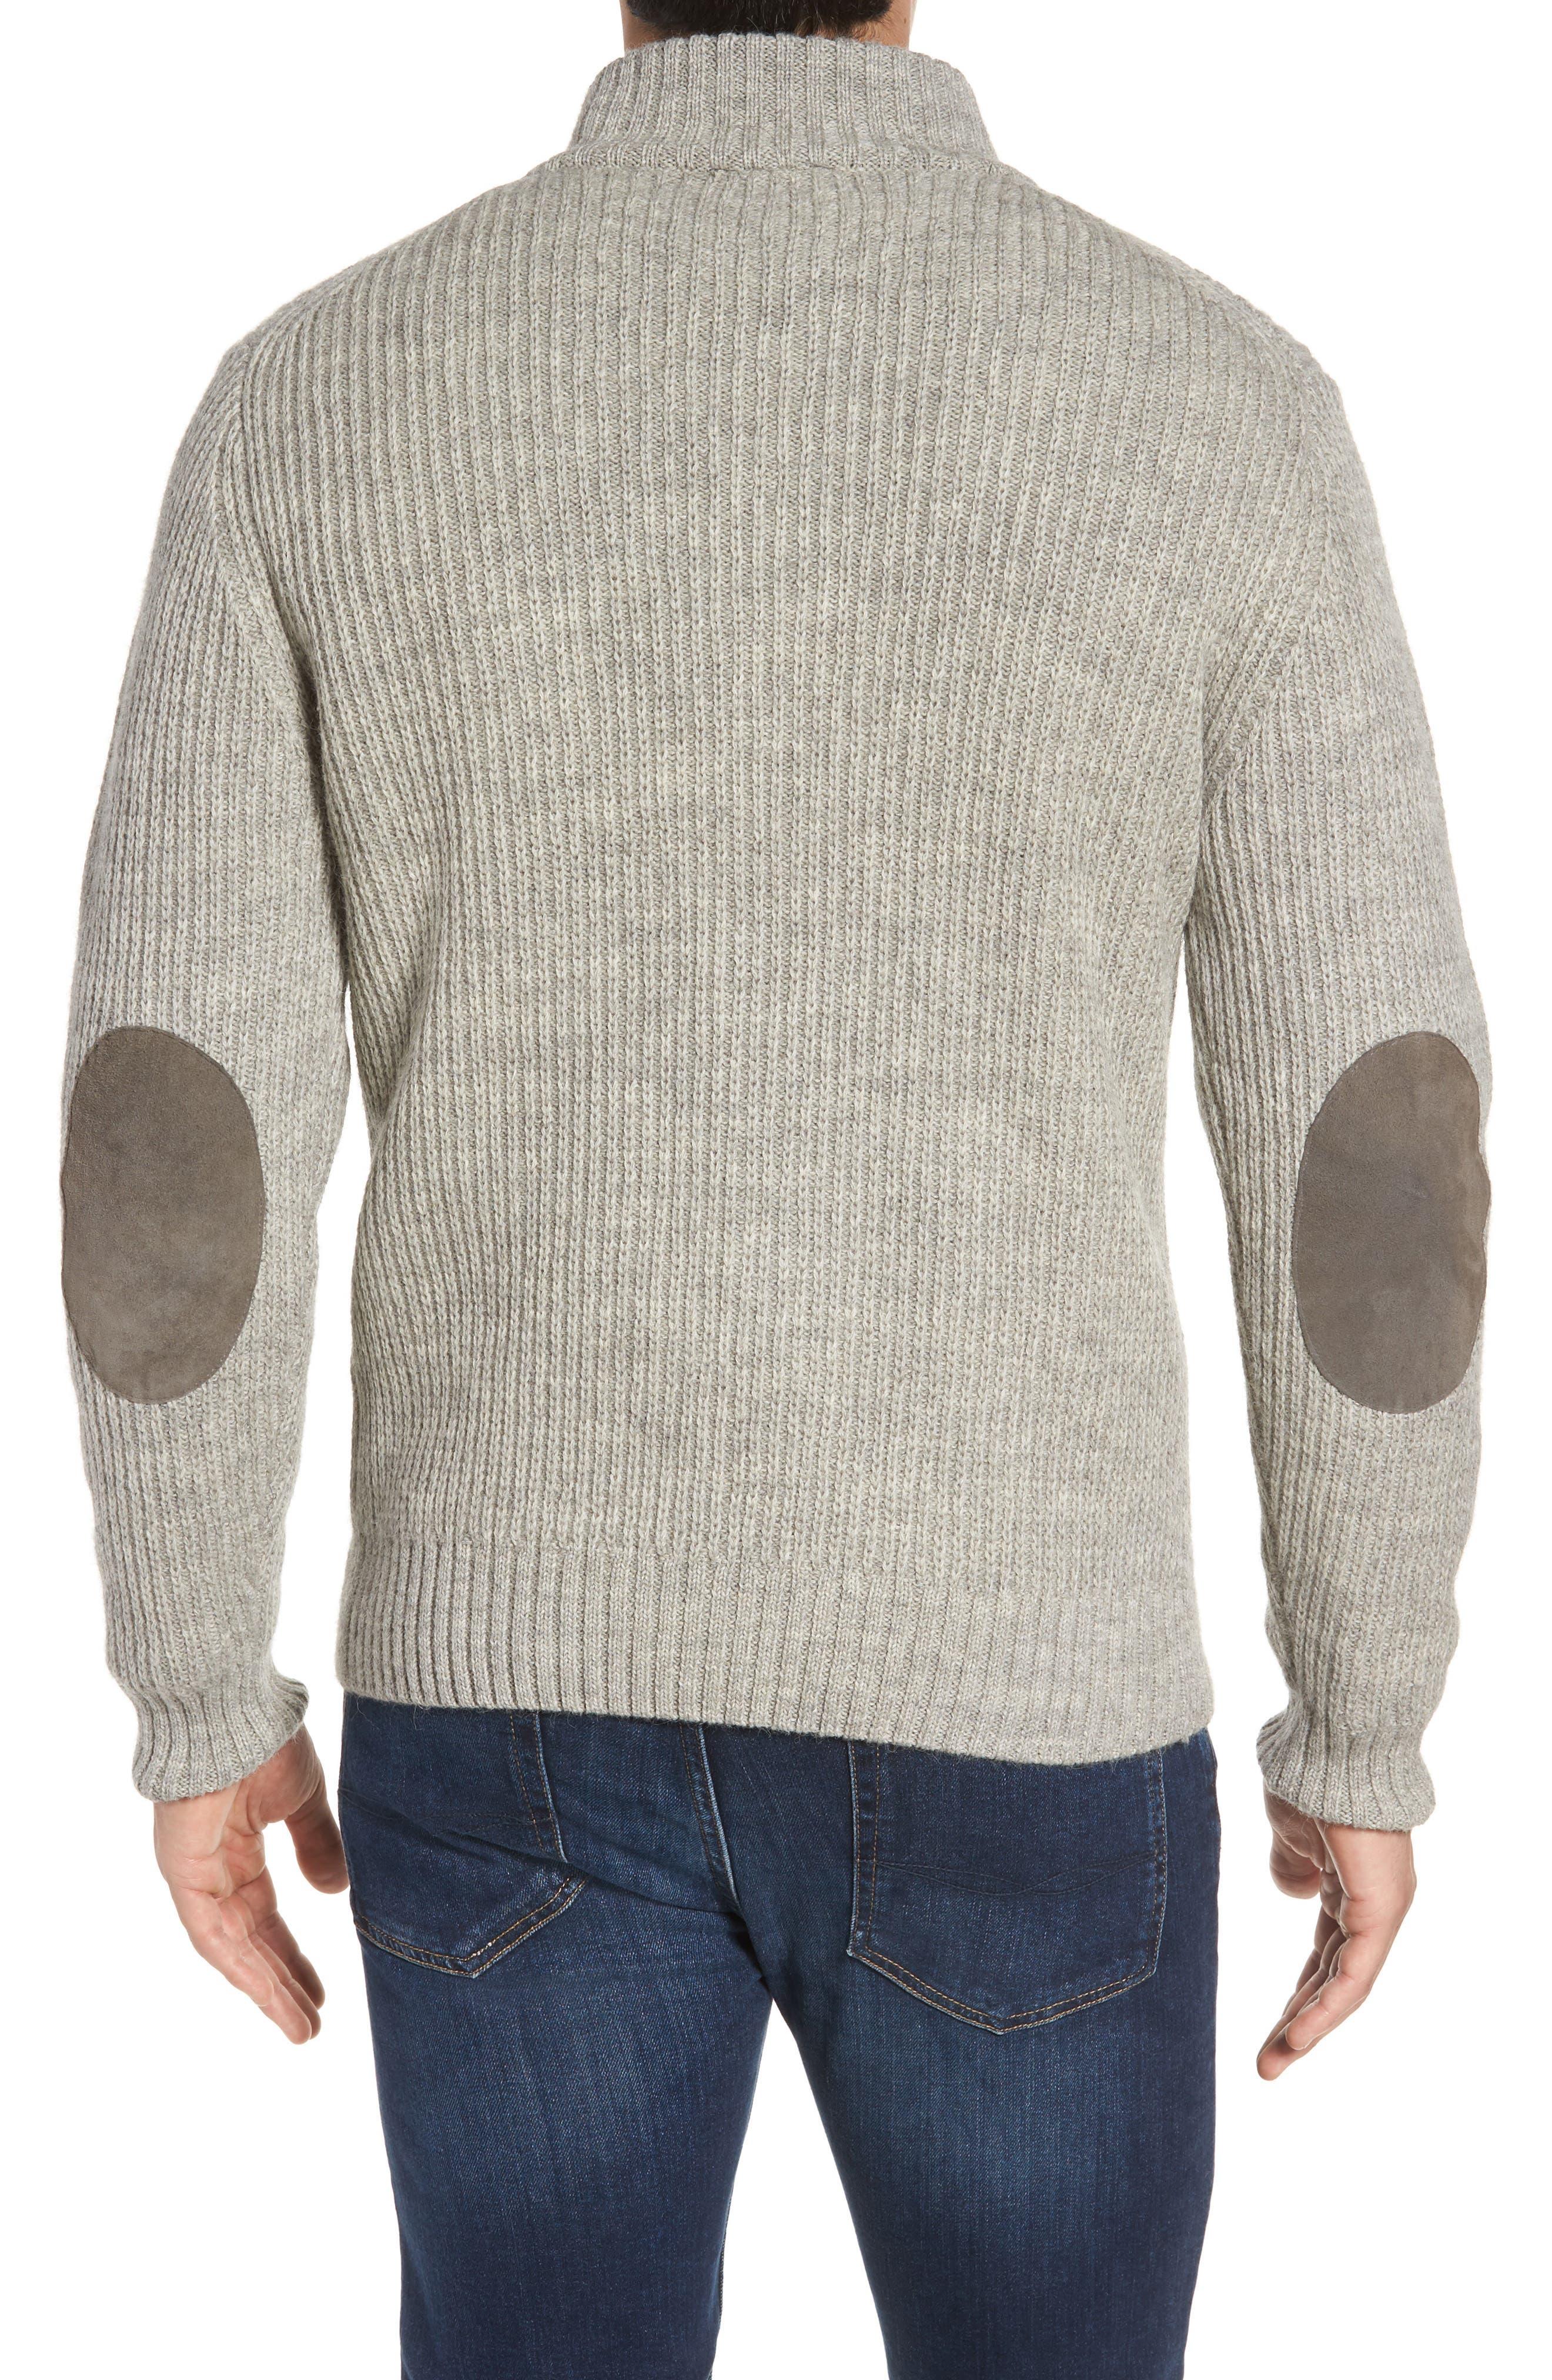 Alternate Image 2  - Rodd & Gunn 'Huka Lodge' Merino Wool Blend Quarter Zip Sweater